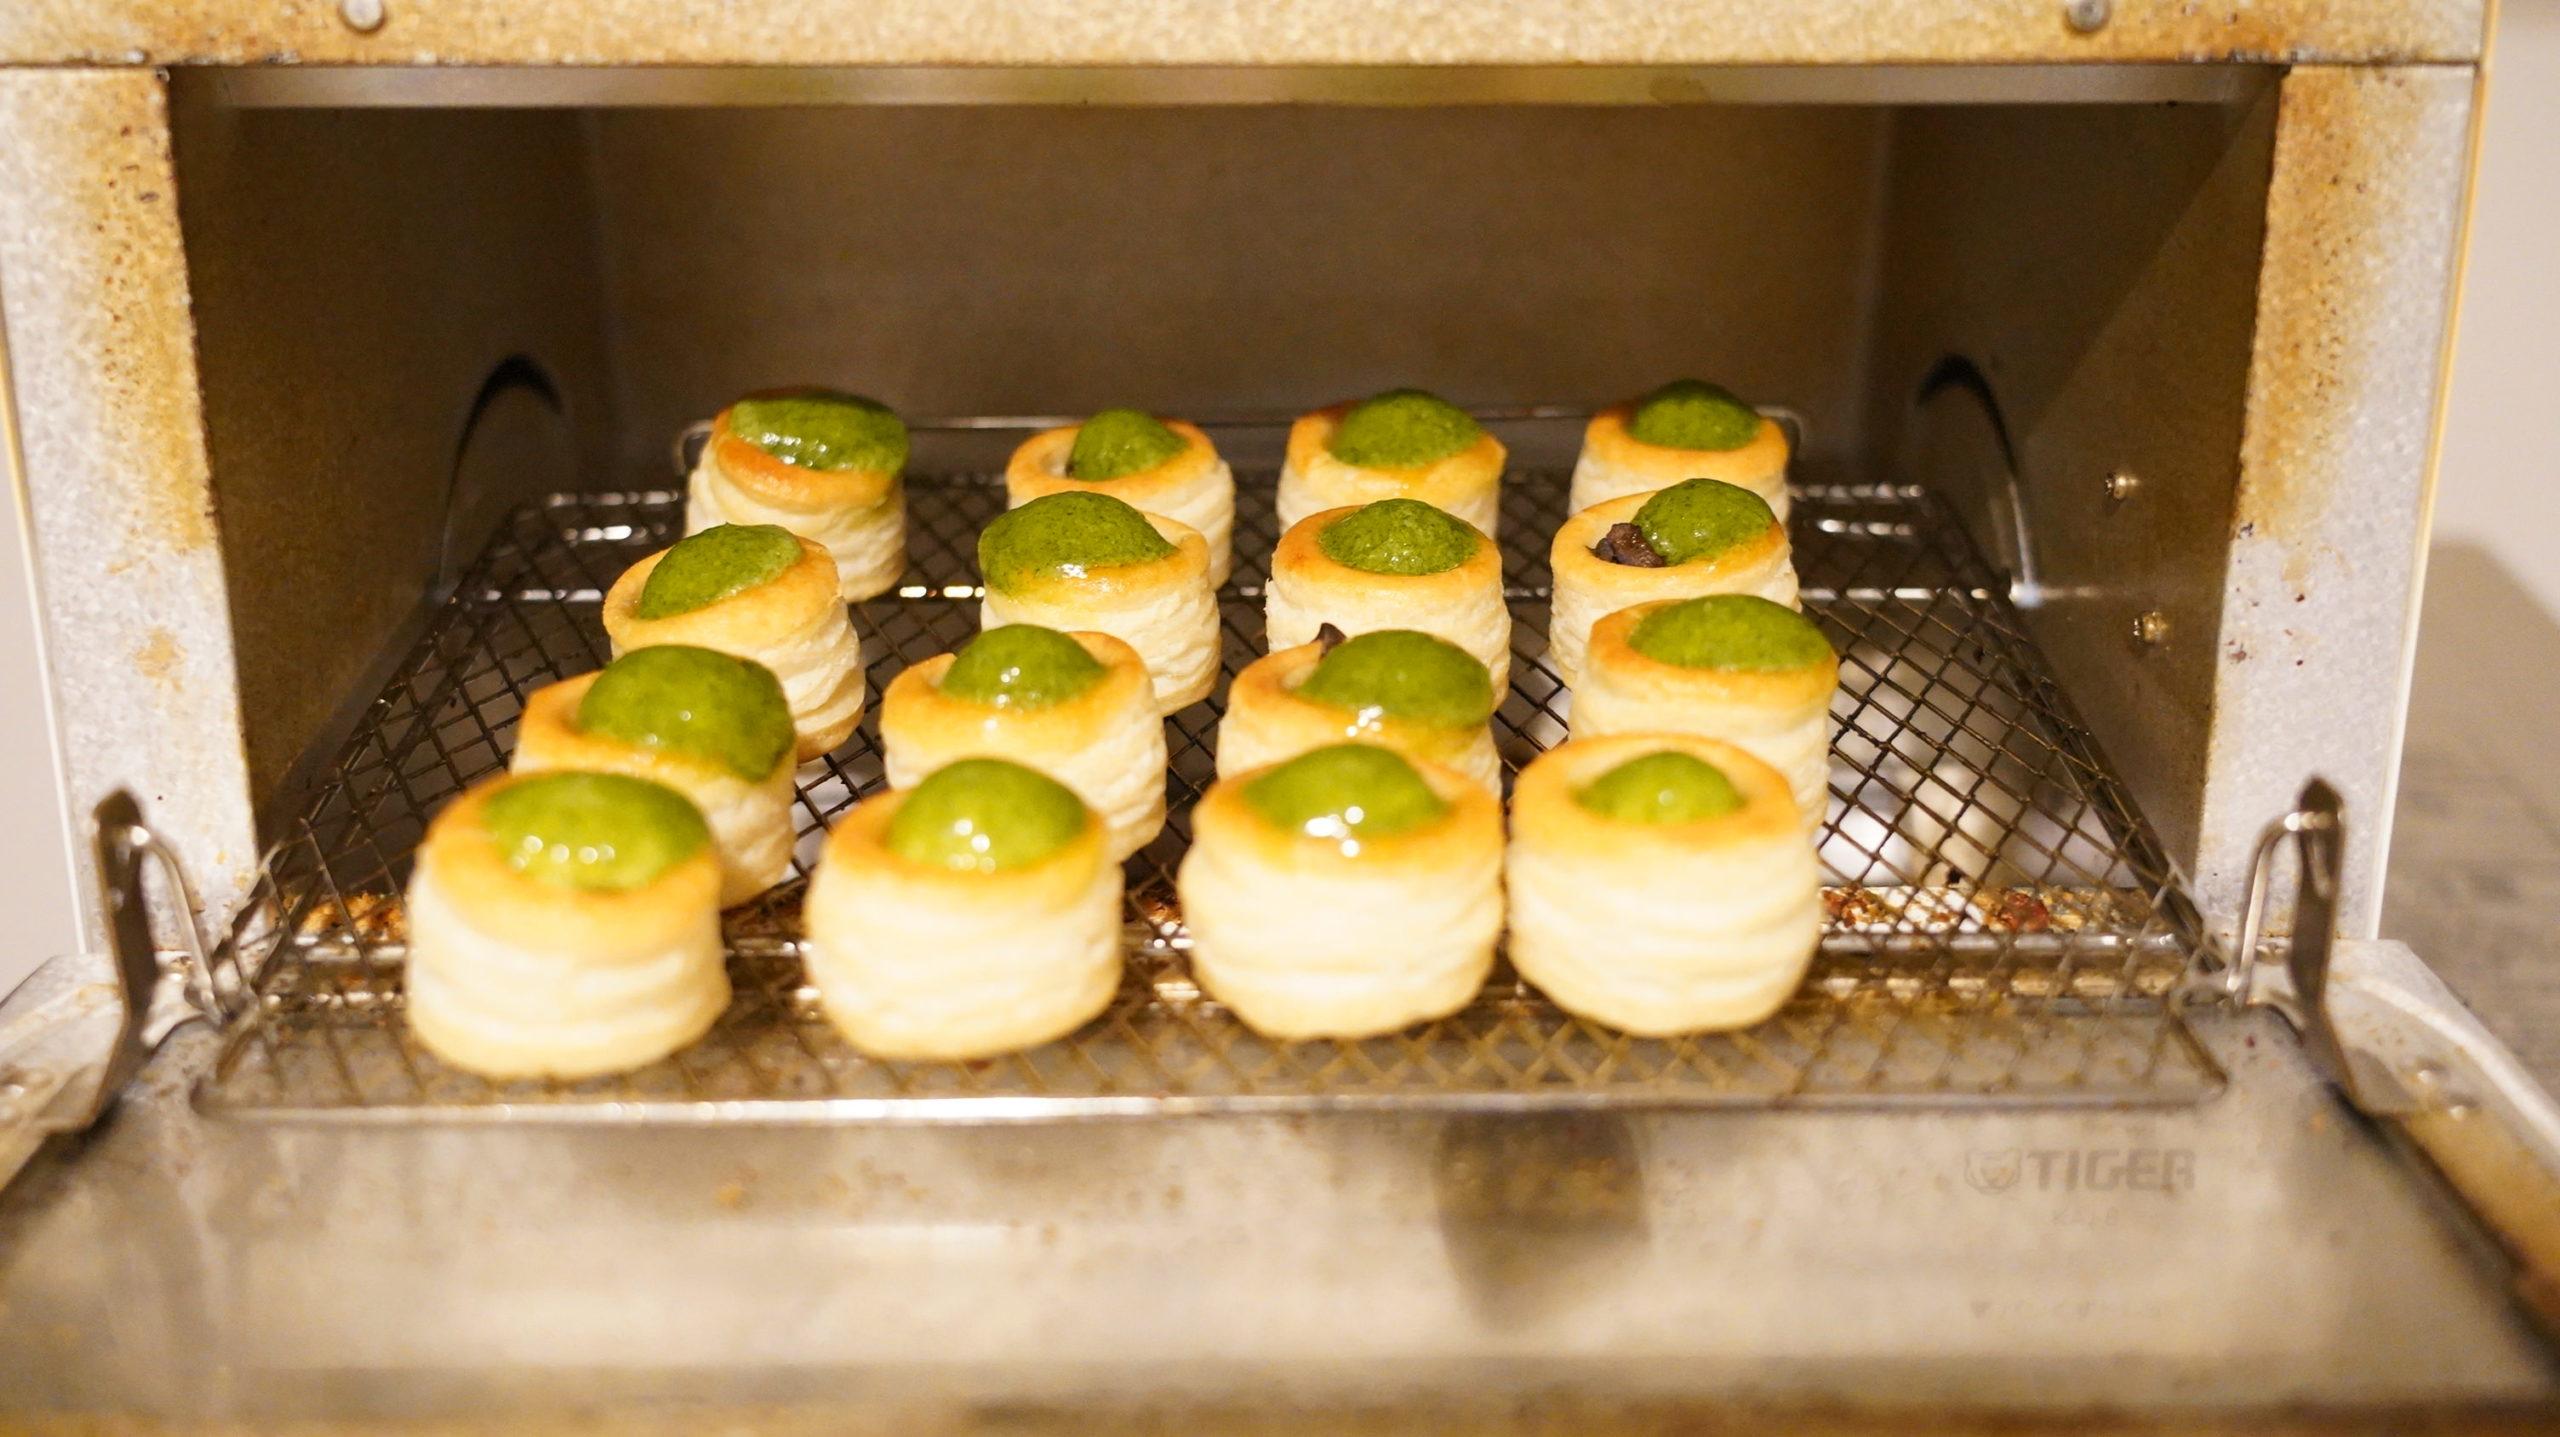 ピカールの冷凍食品「エスカルゴのミニパイ」をオーブントースターで焼いている写真